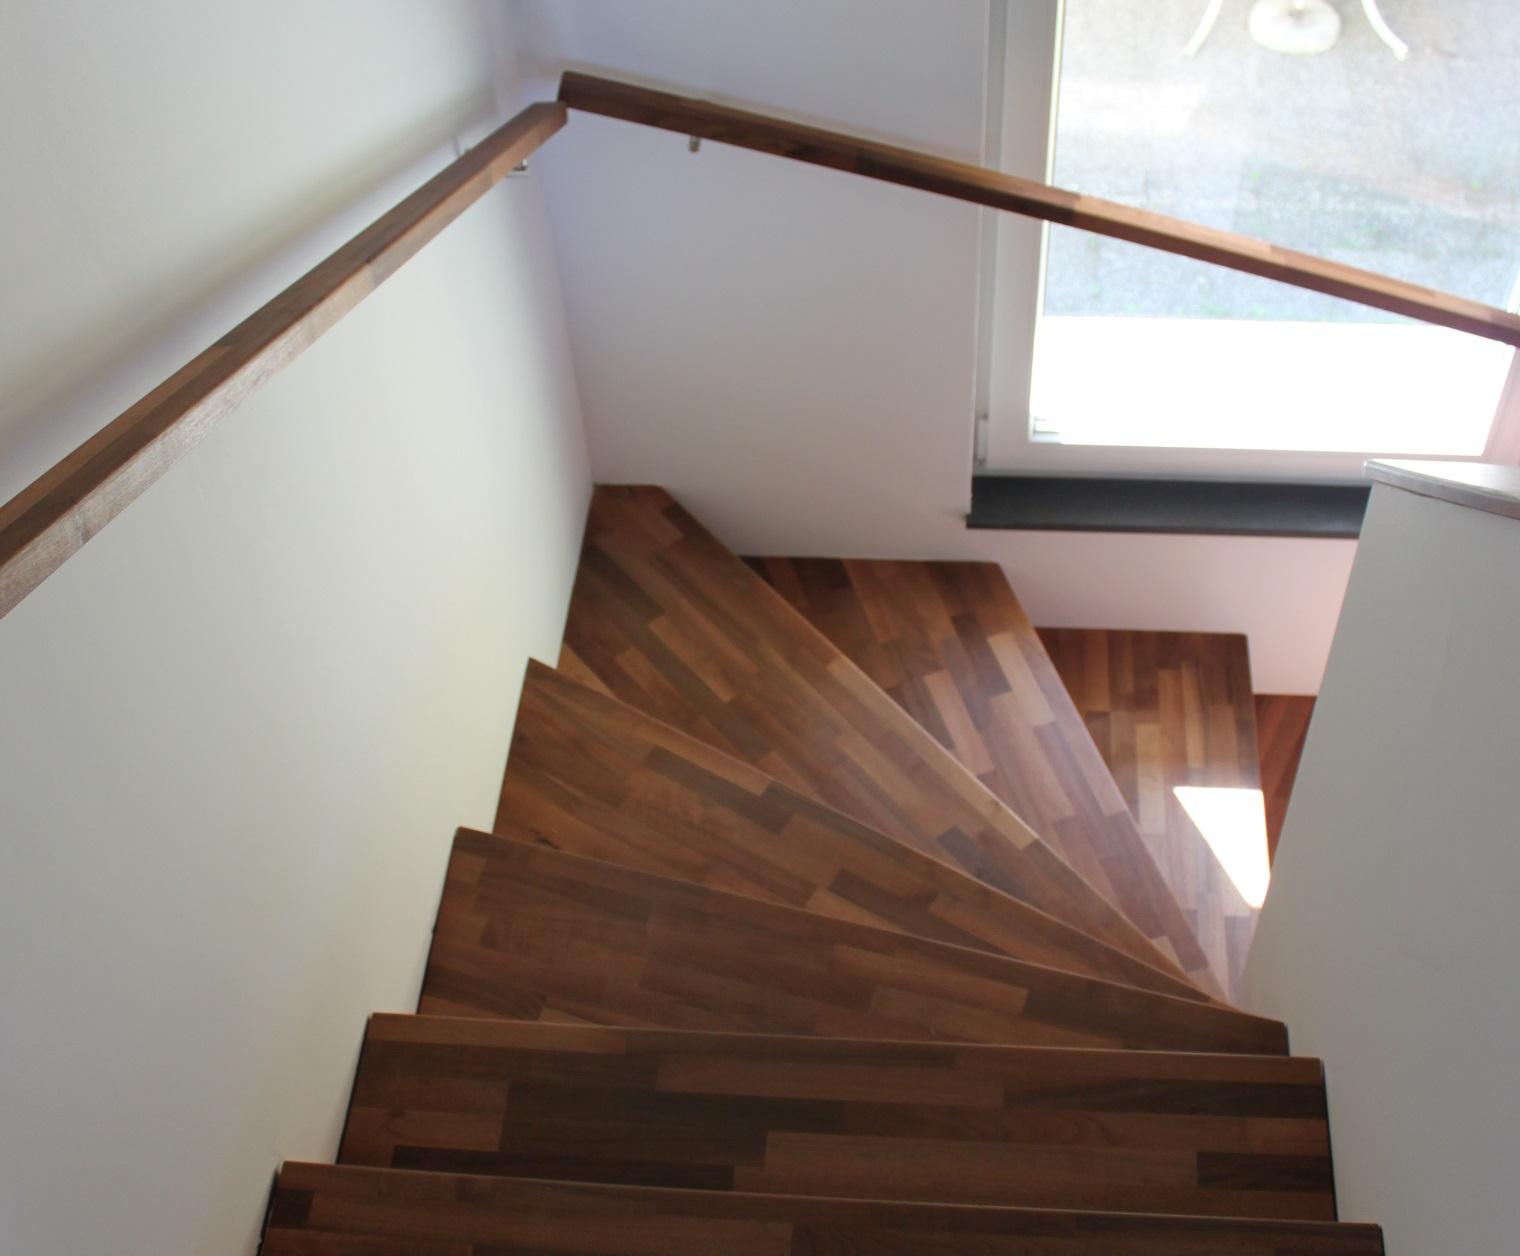 Fabricant escalier augny escalier garde corps sols for Main courante escalier exterieur